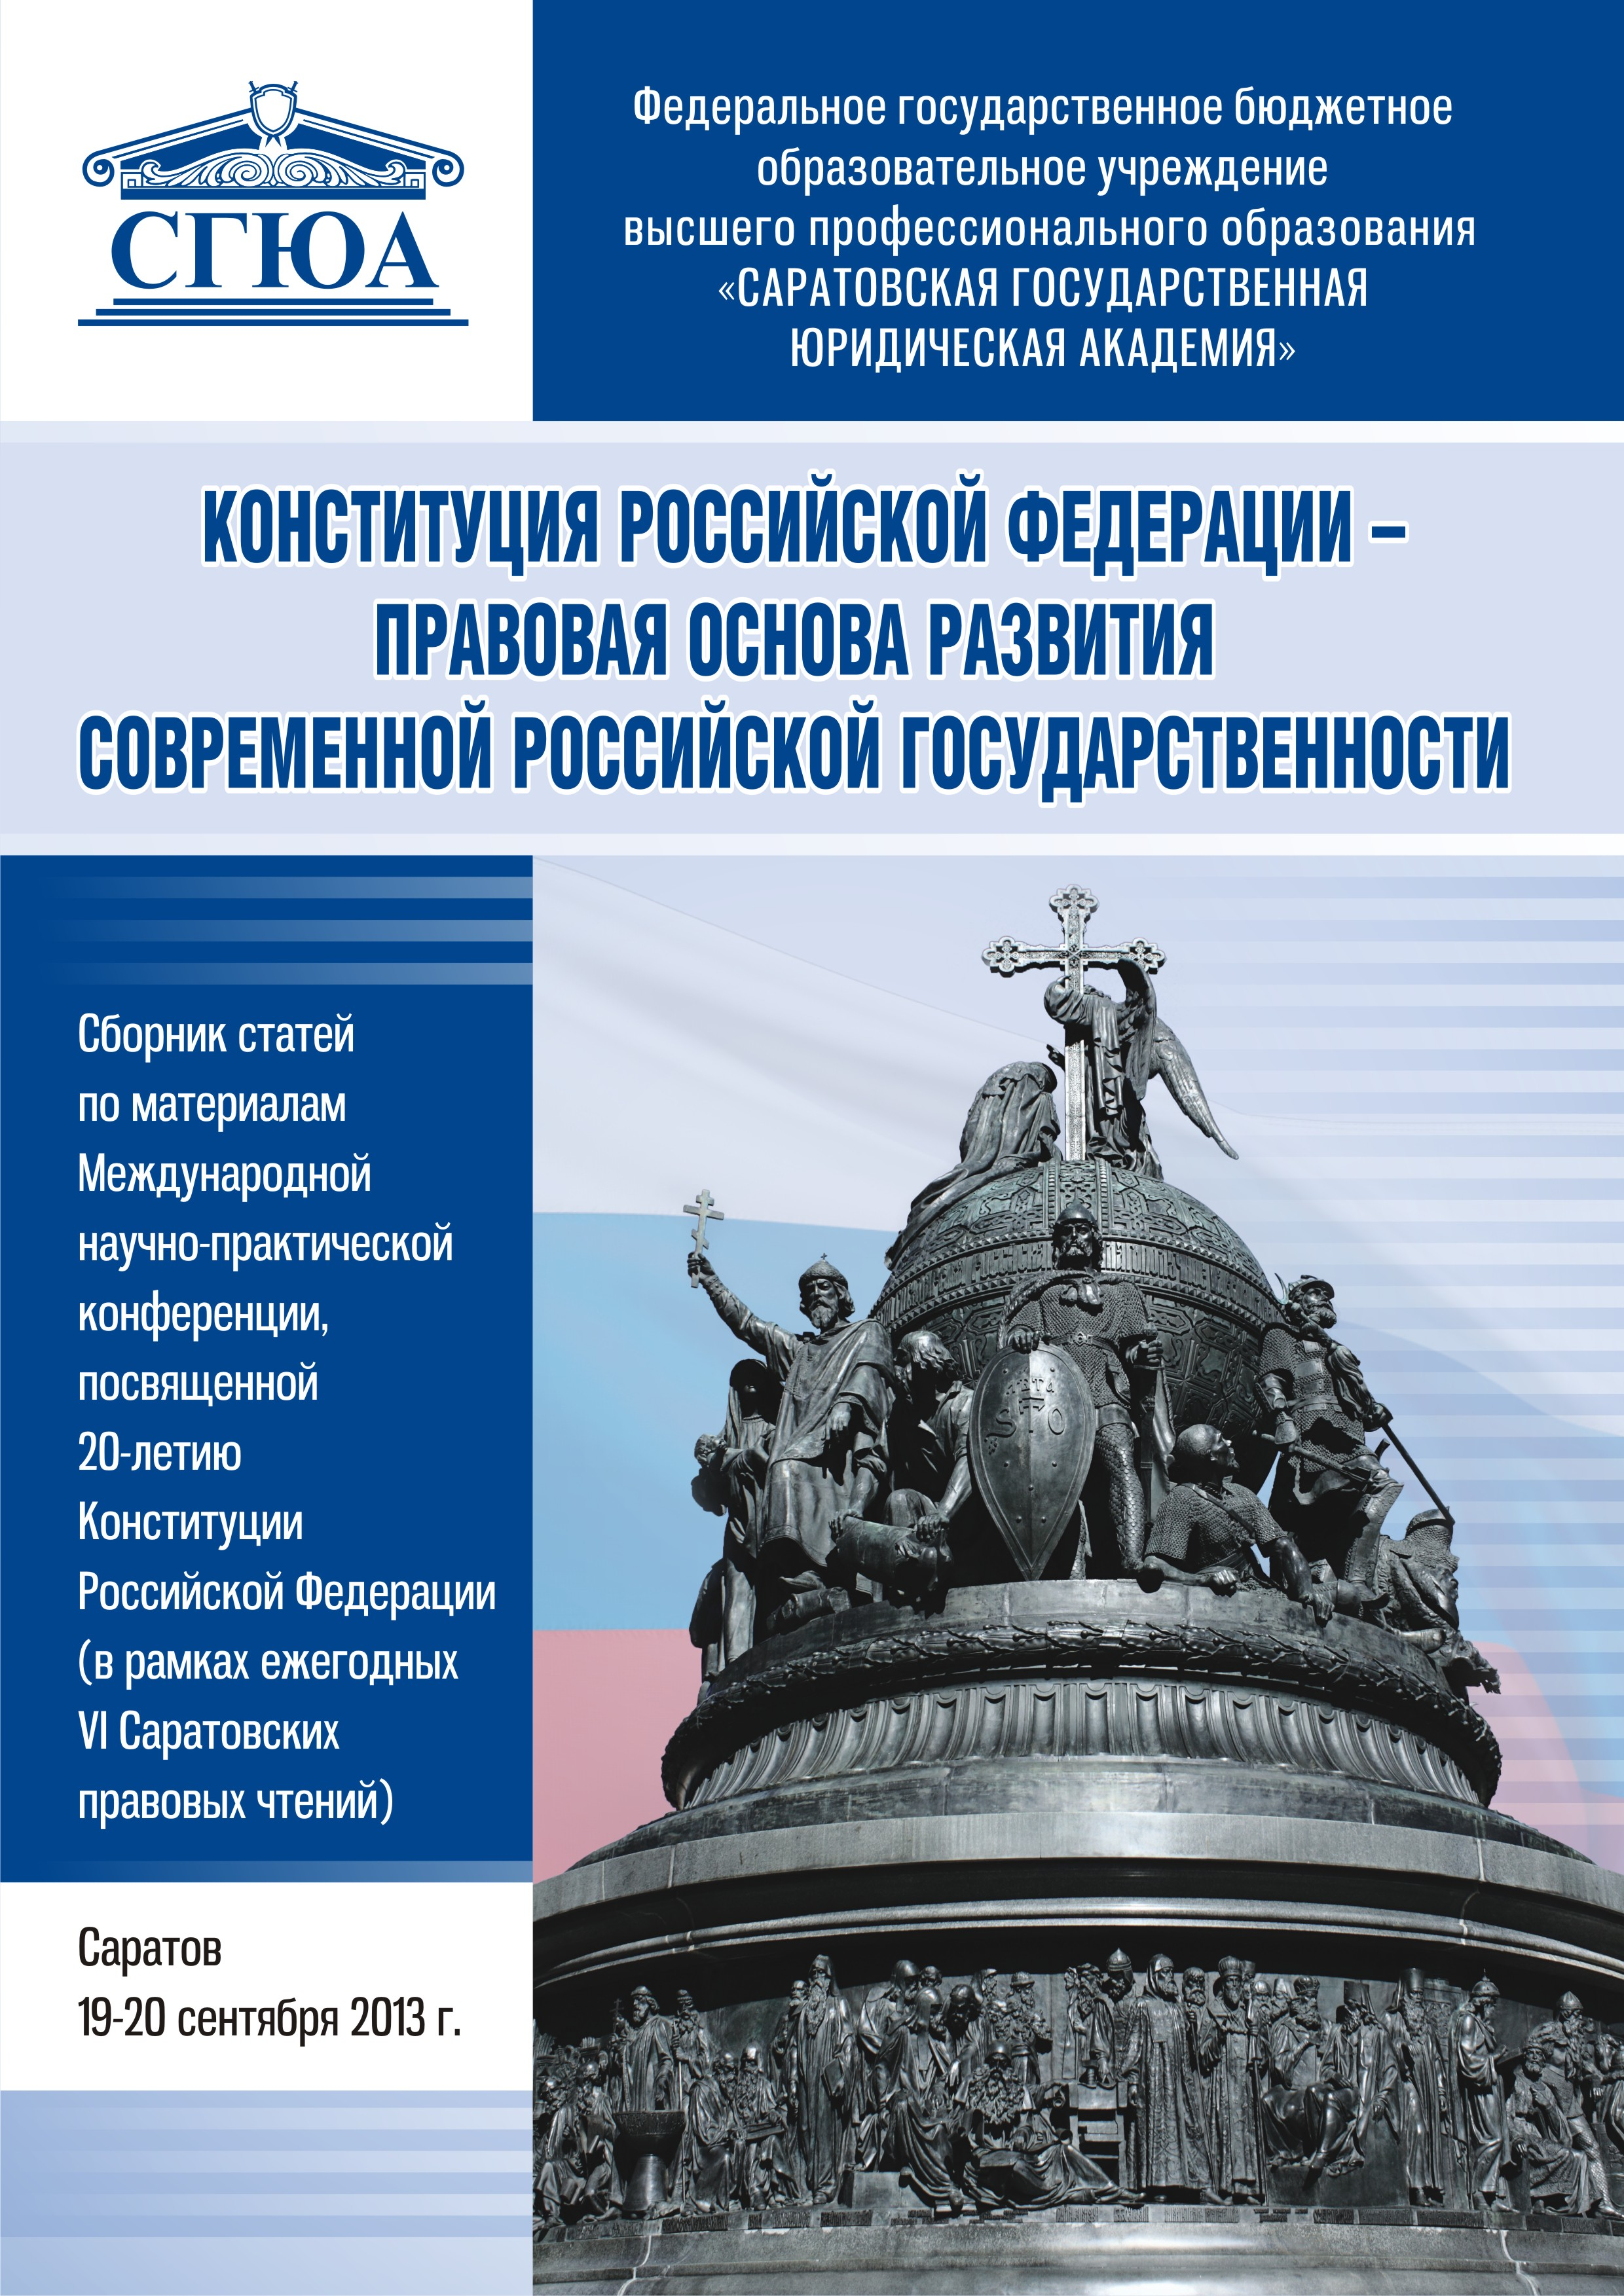 в российской федерации признается идеологическое многообразие